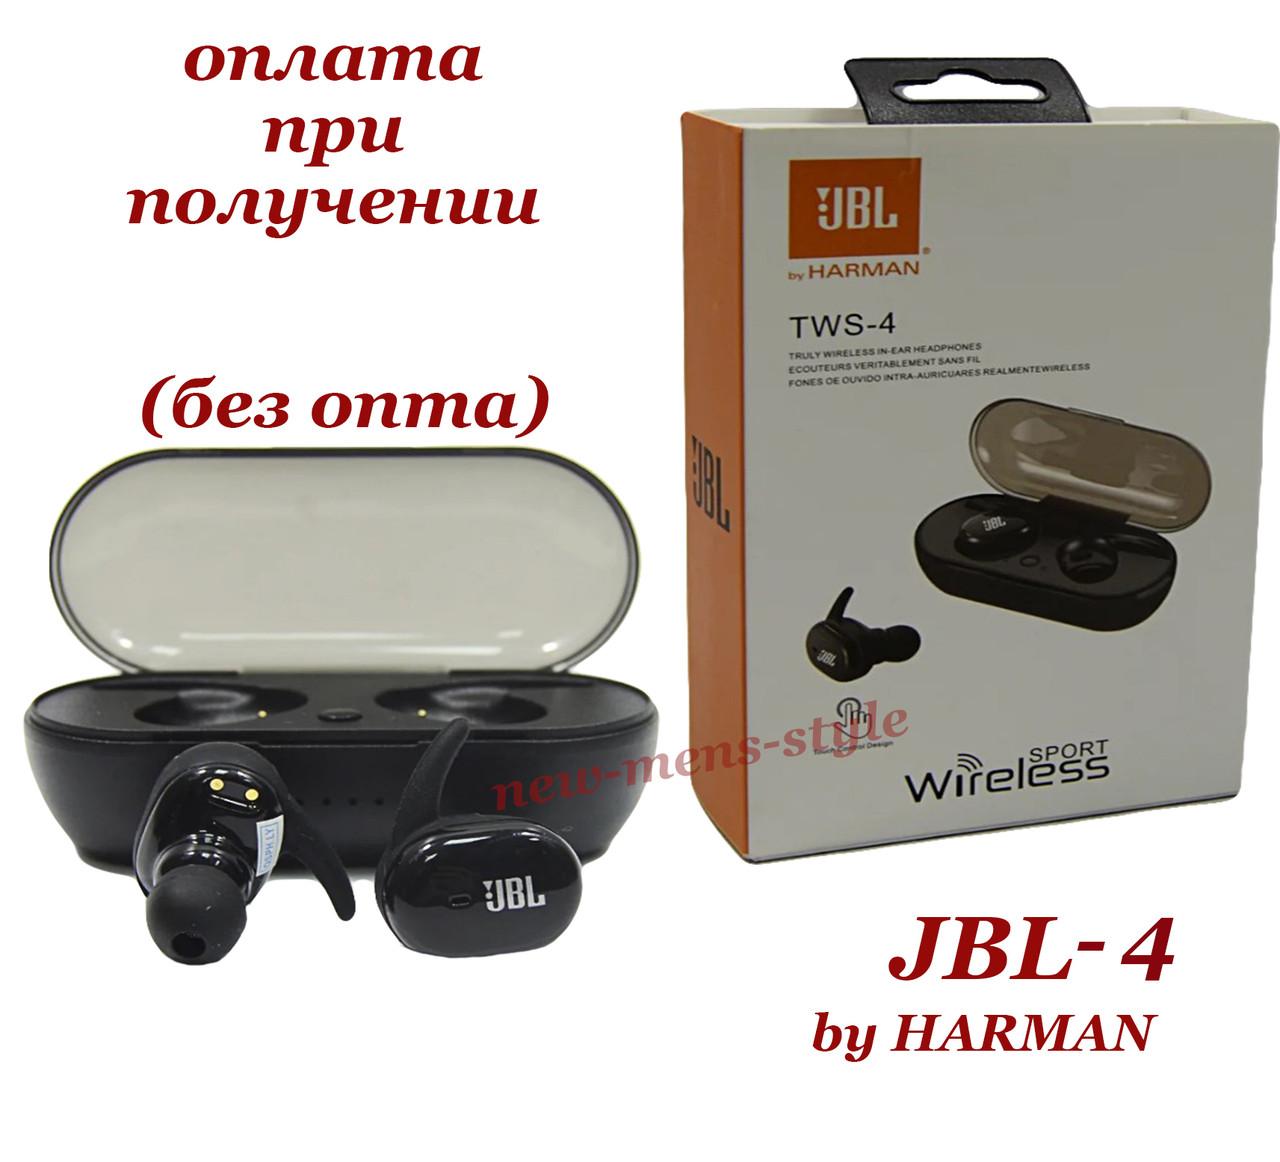 Беспроводные Bluetooth-наушники JBL TWS 4 bu HARMAN с зарядным кейсом